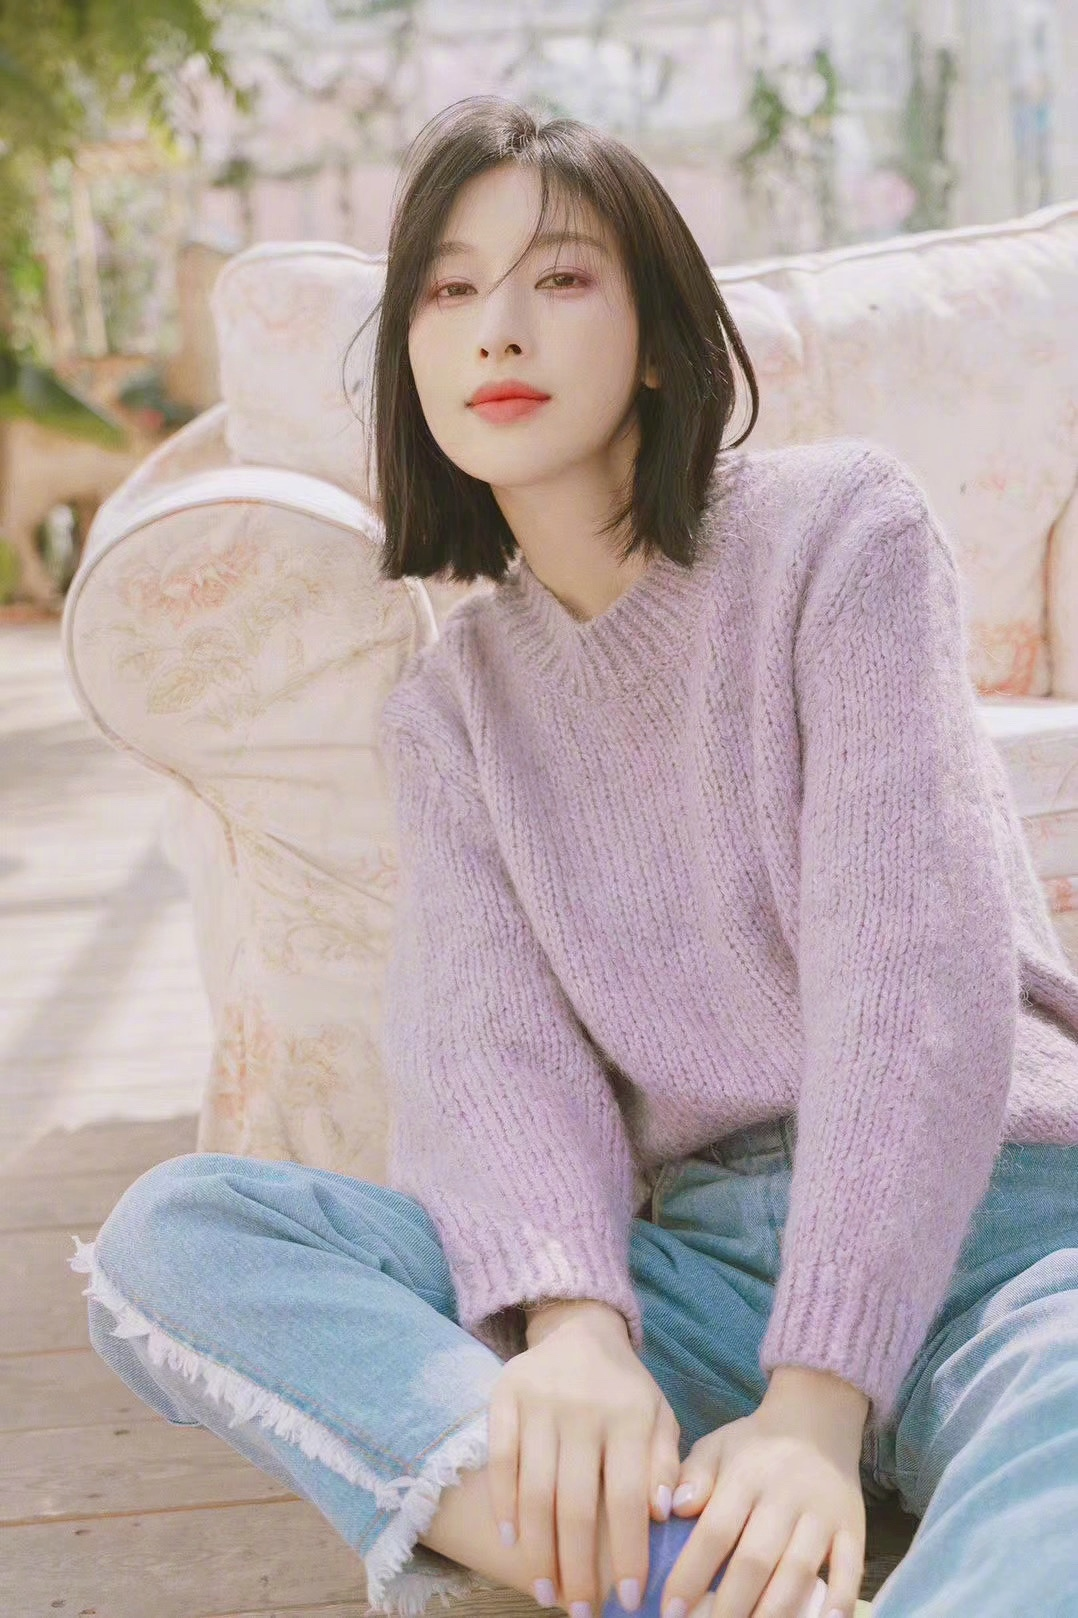 张俪薰衣草色写真大片,身穿软糯薰衣草紫色针织毛衣,温柔甜美。